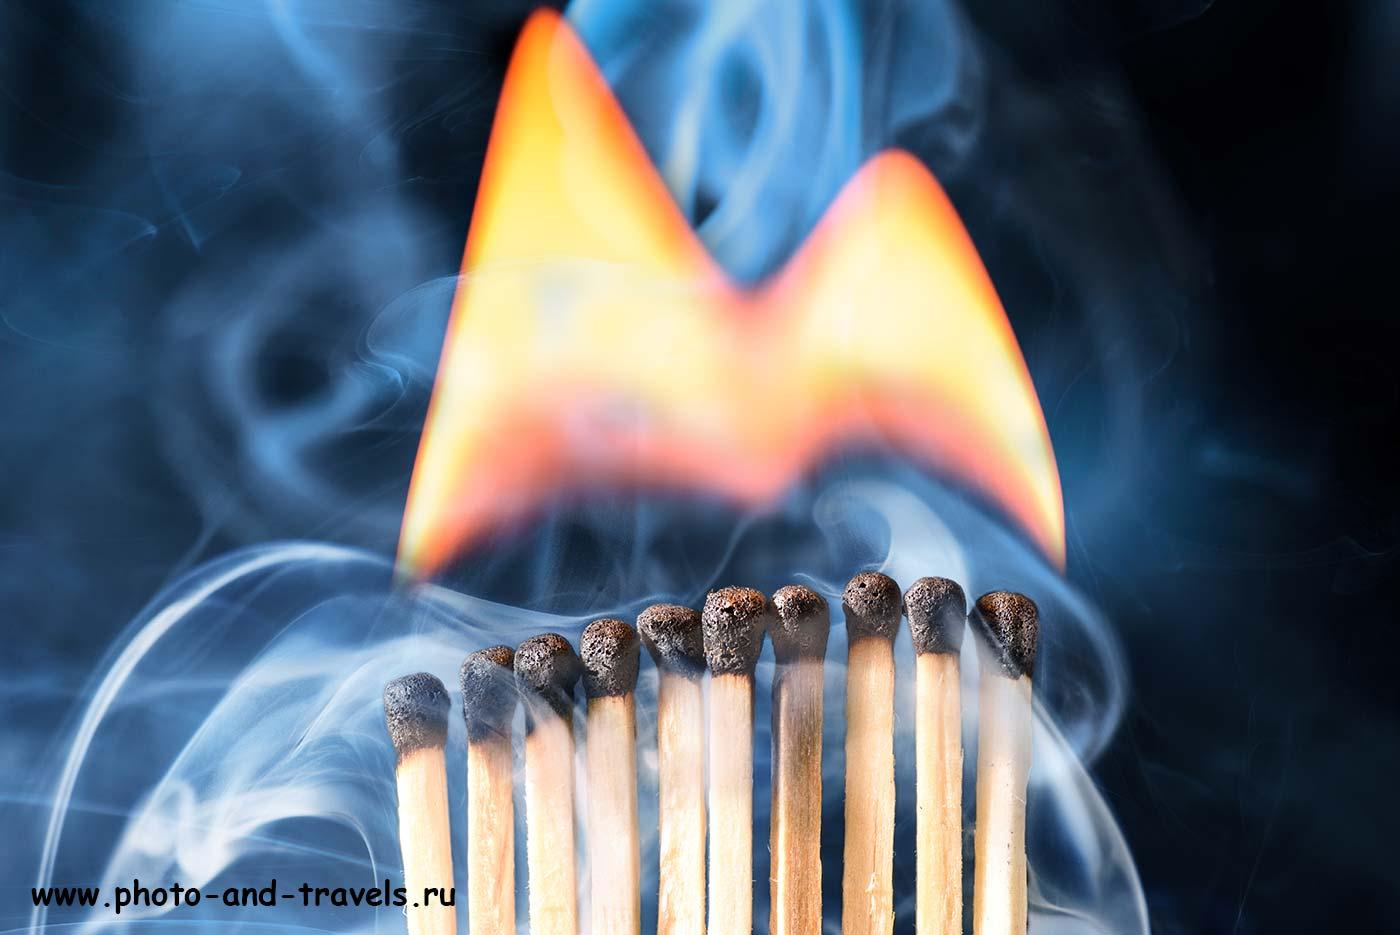 Фотография 23. Элегантный портрет горящих спичек. Зачем нужен макрообъектив Tamron 90/2.8.